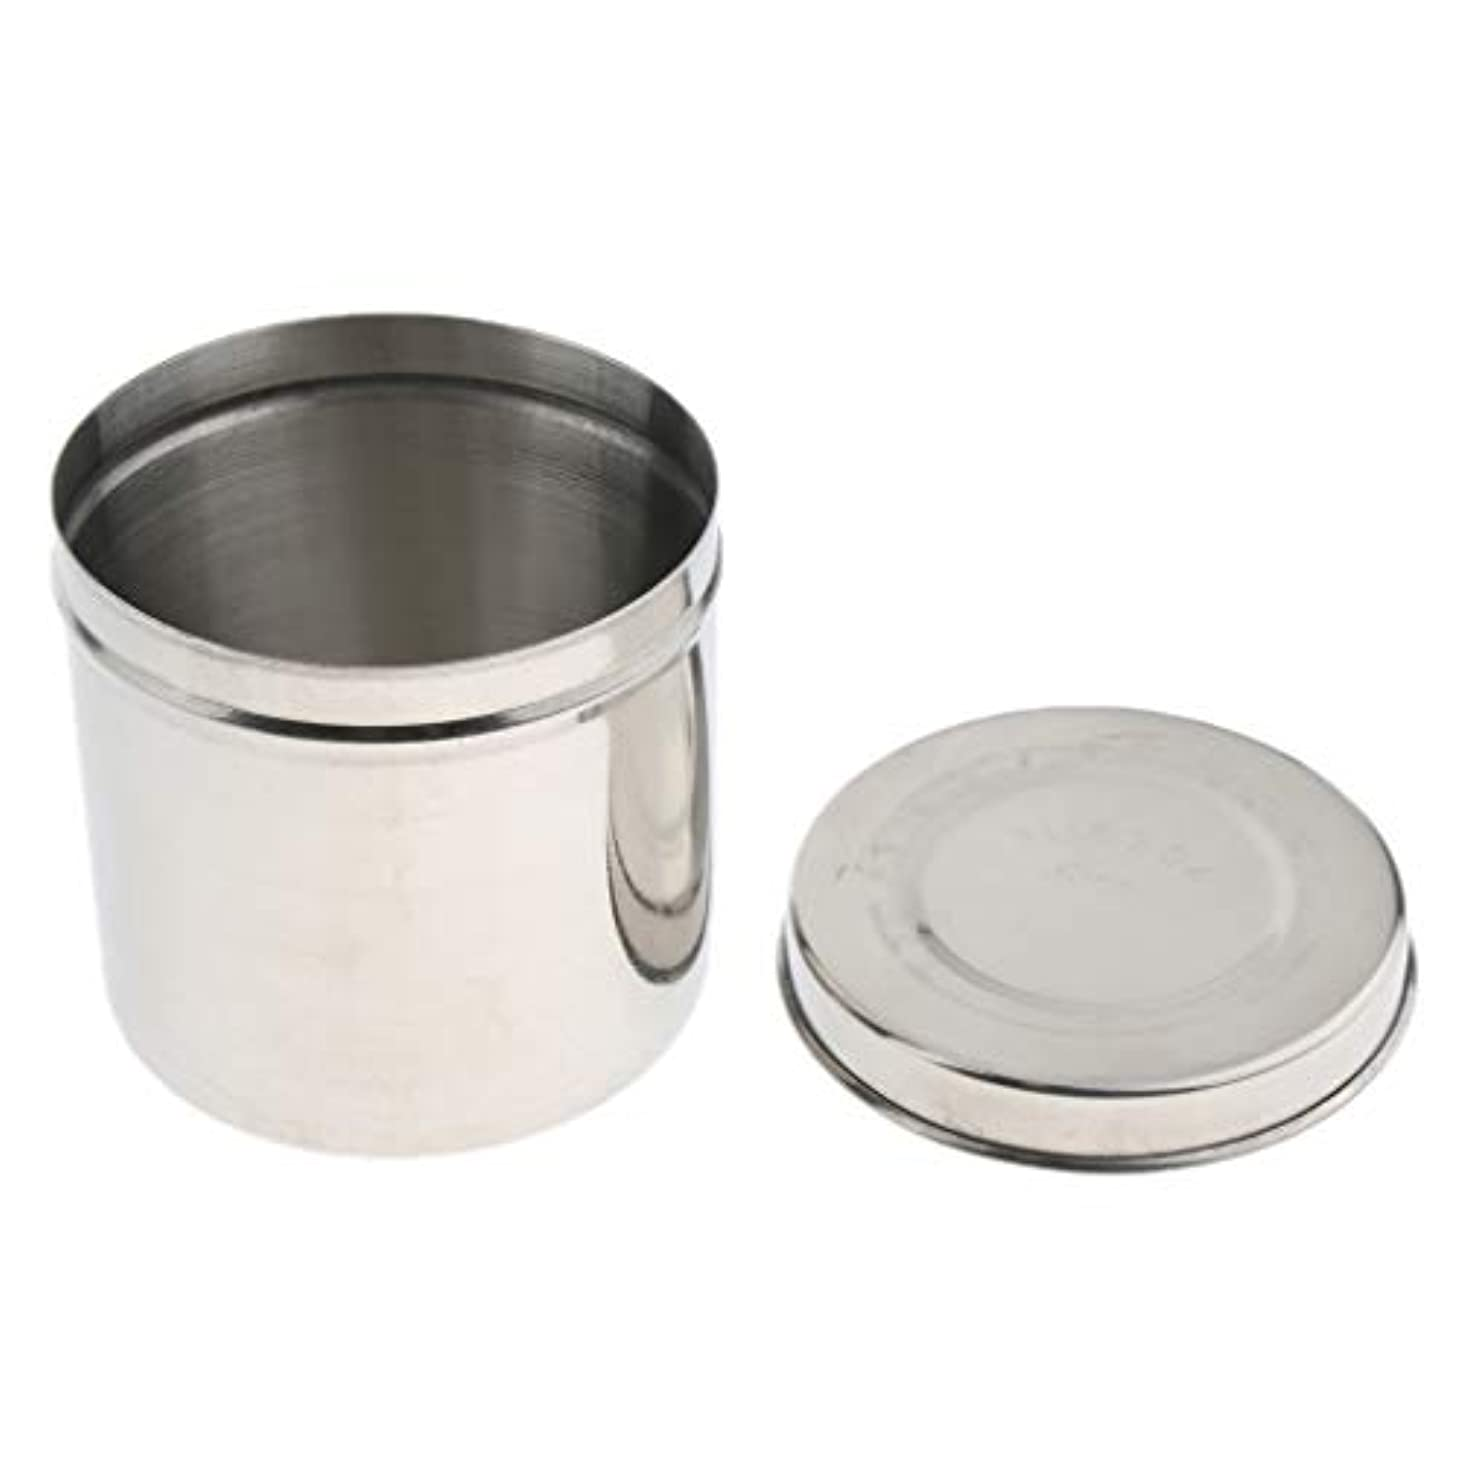 喜び緩やかな確執B Blesiya 詰め替えボトル 蓋付き ジャー 多機能 ステンレス缶 ポット コンテナ 収納用 全4サイズ - 10cm, シルバー